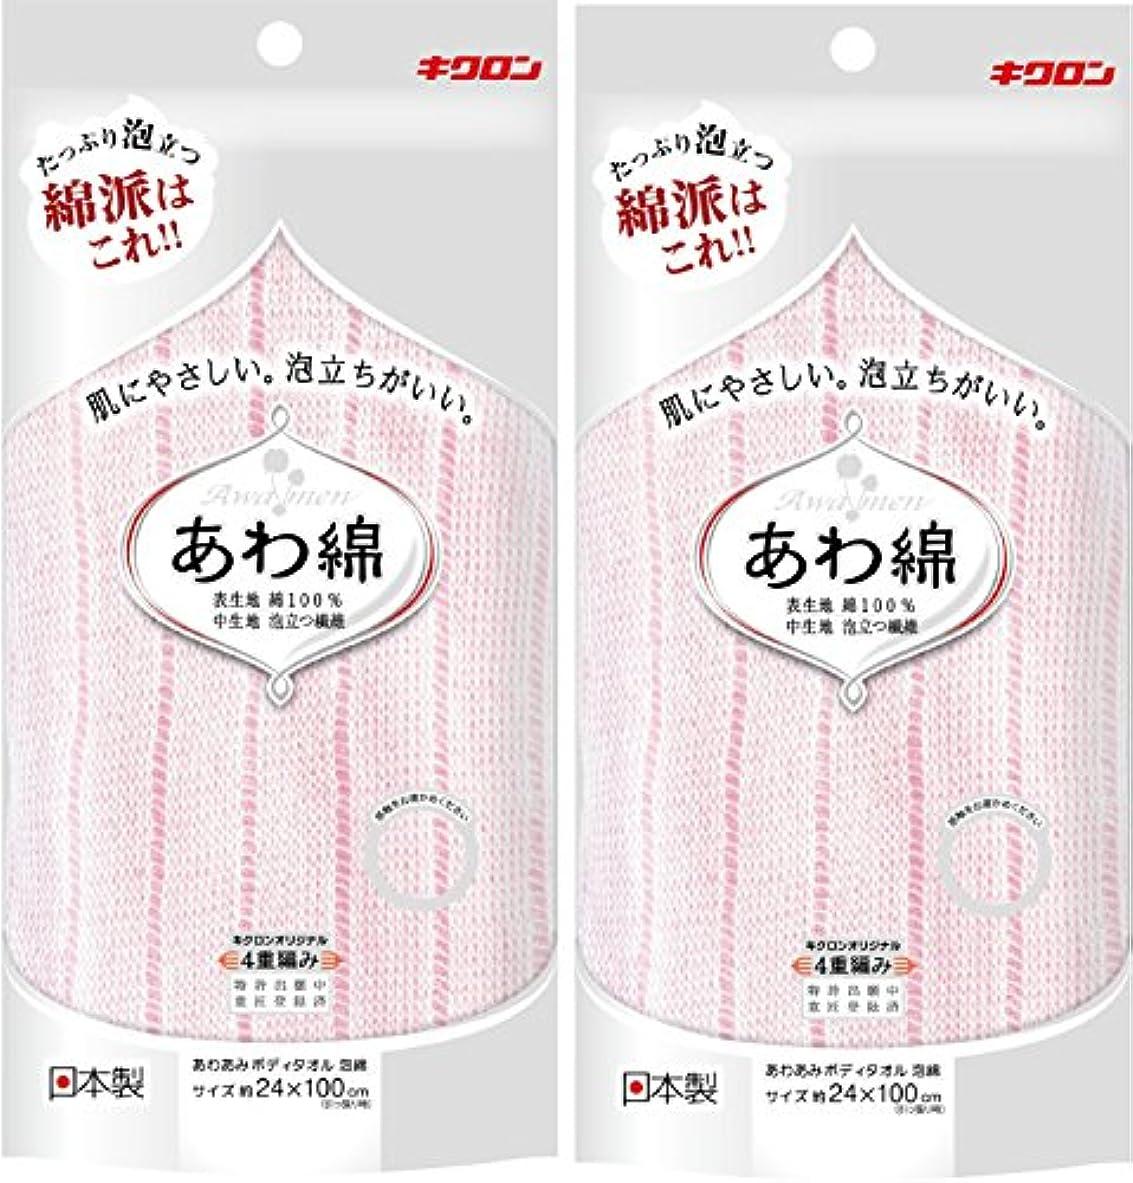 スケルトン対処する区別キクロン お風呂グッズ 綿でもしっかり泡立つ あわあみ ボディタオル 泡綿 もも 2個入